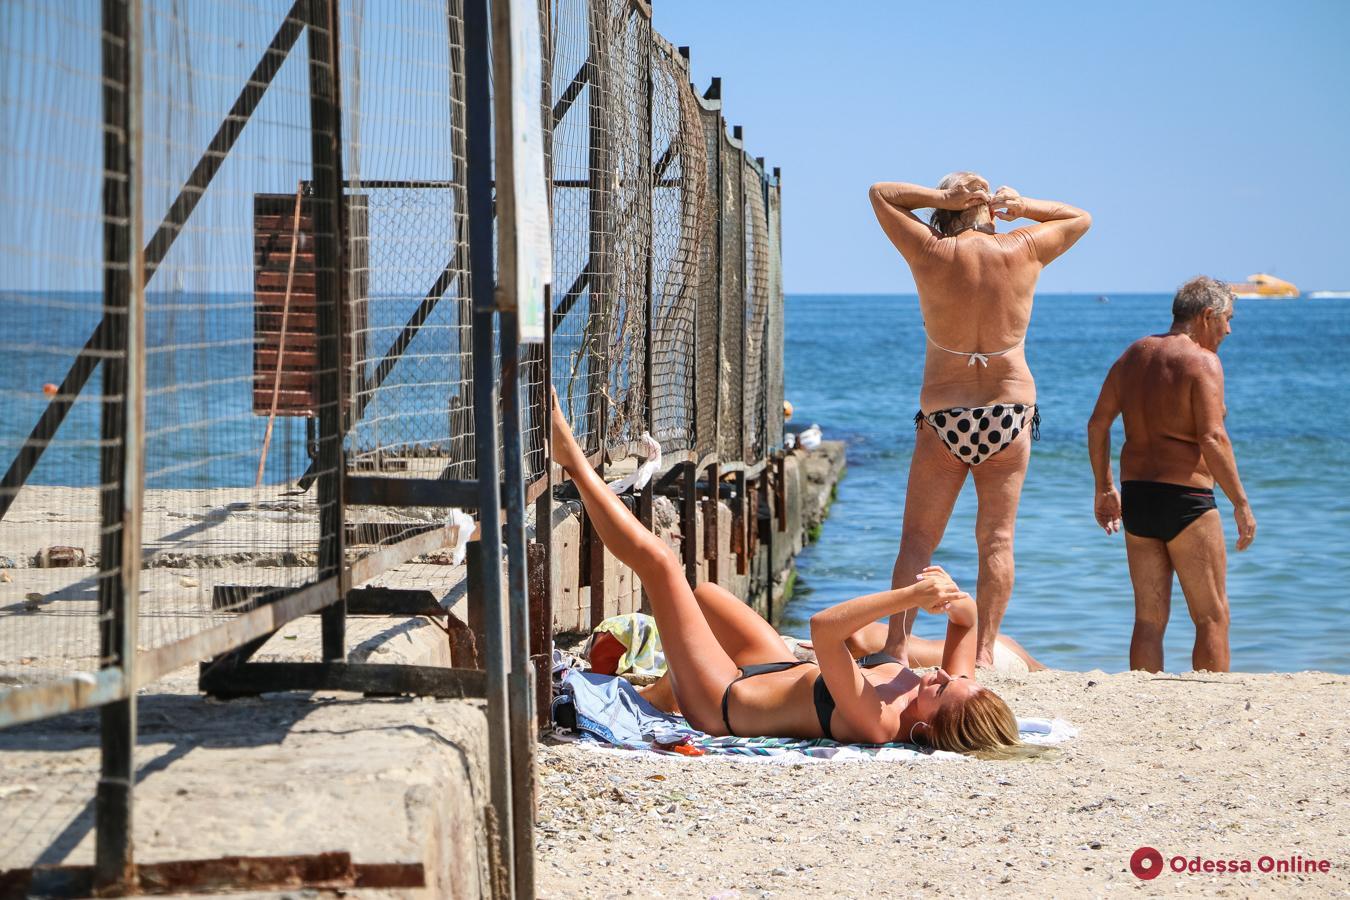 Августовская жара на одесском пляже (фоторепортаж)